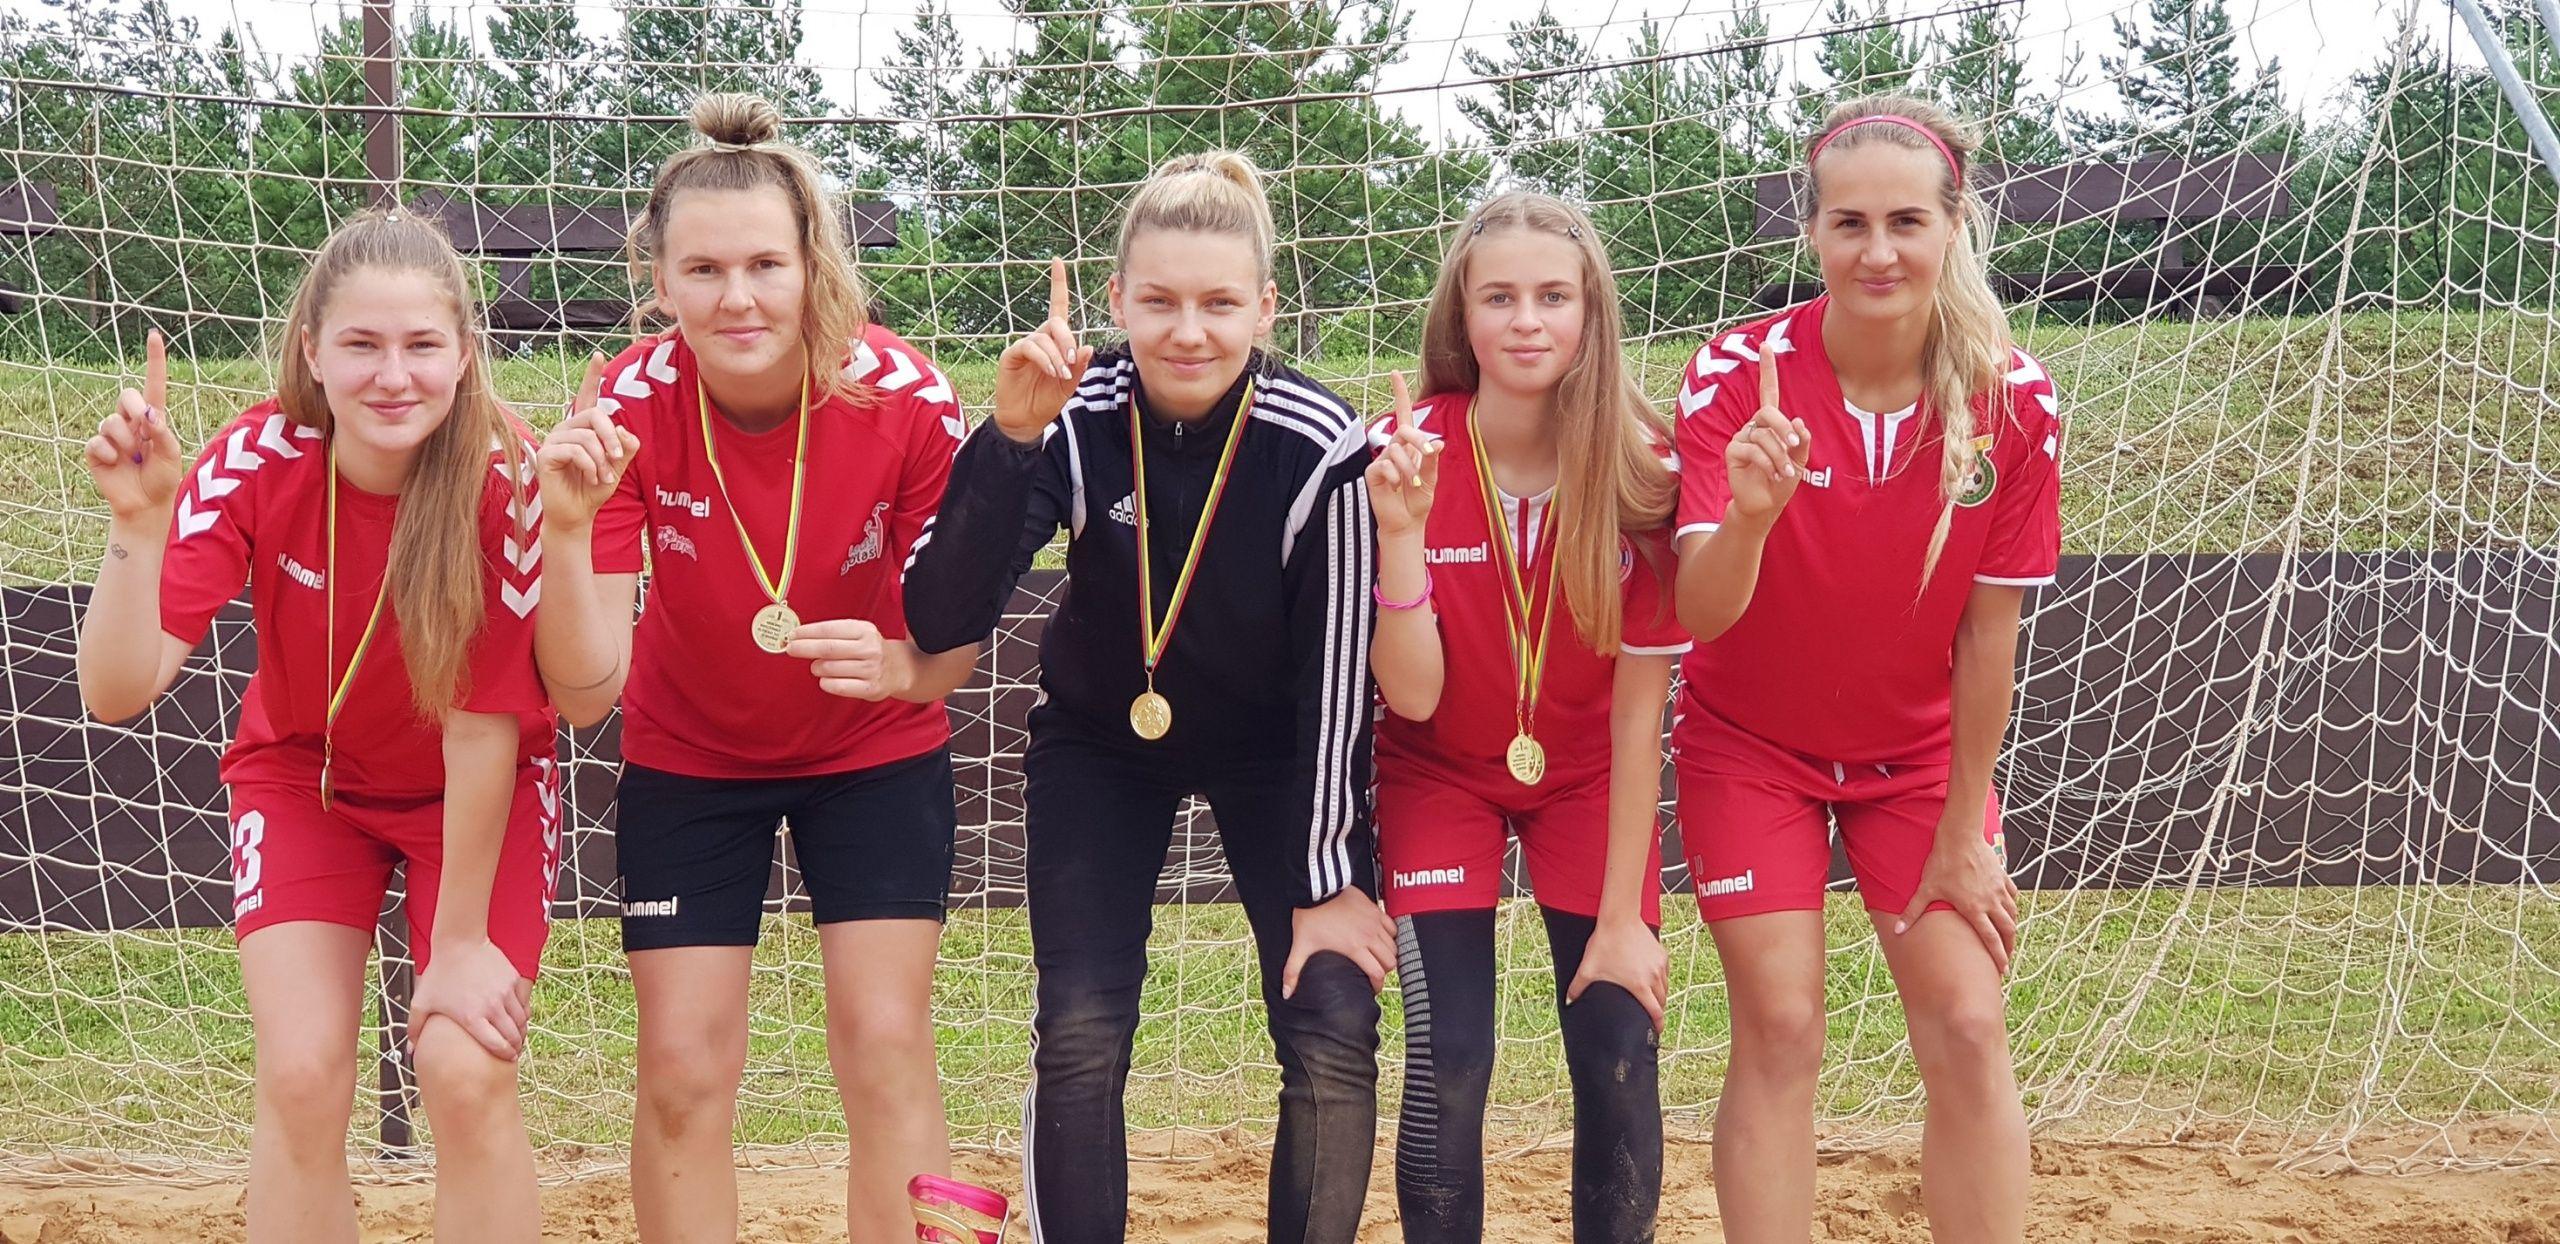 FA futbolininkės laimėjo pliažo turnyrą